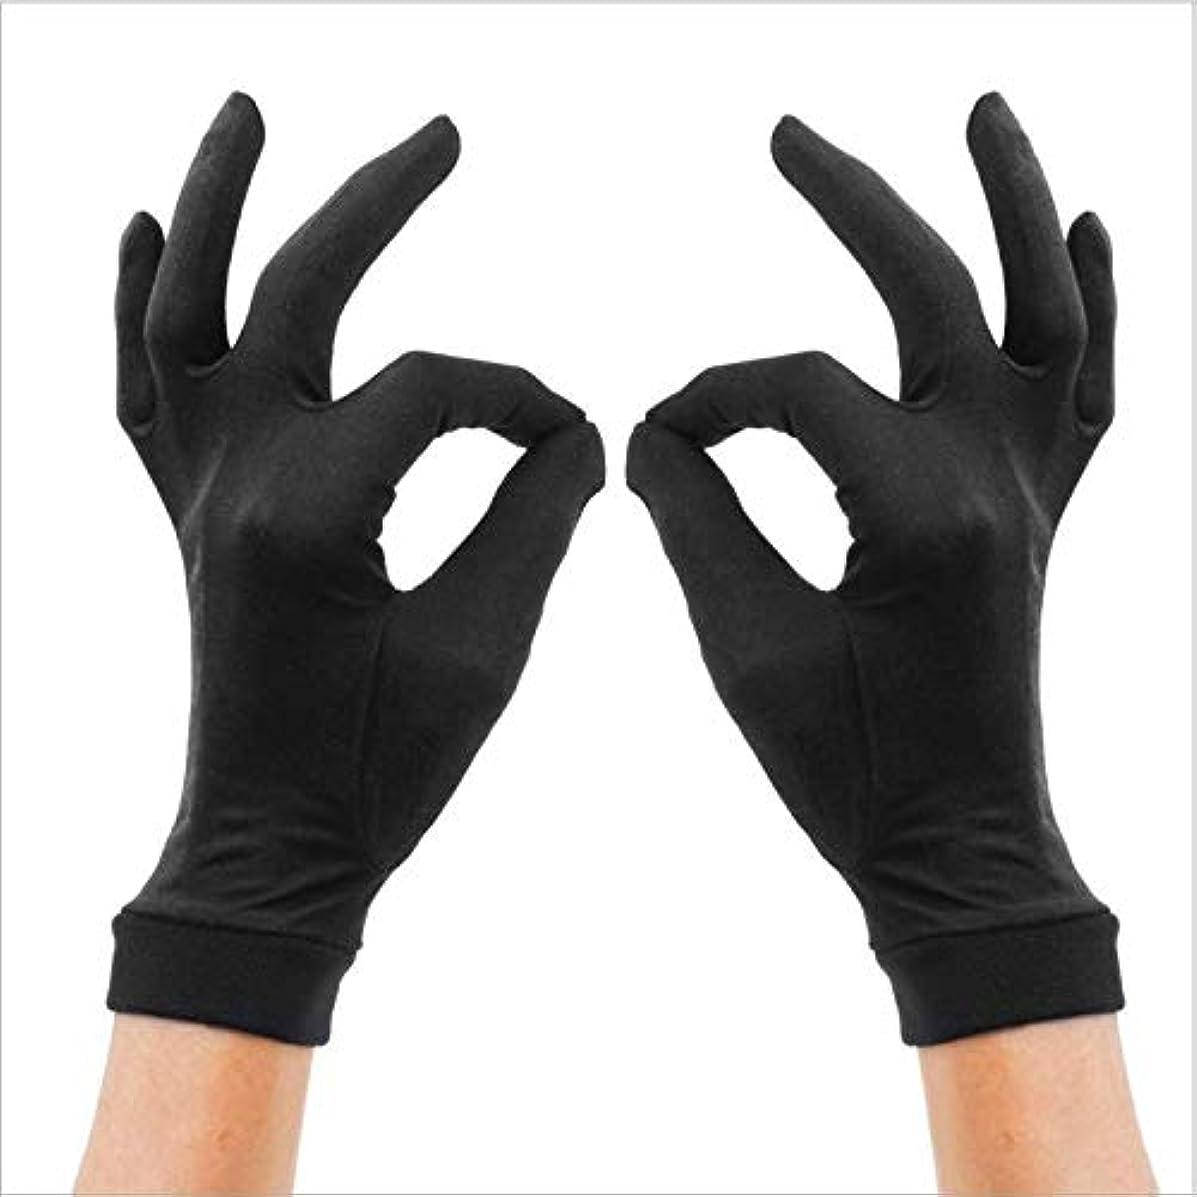 お父さんペルー代表するシルク手袋 ALUL 手袋 シルク uvカット おやすみ 手触りが良い 紫外線 日焼け防止 手荒い 保湿 夏 ハンド ケア レディース/メンズ